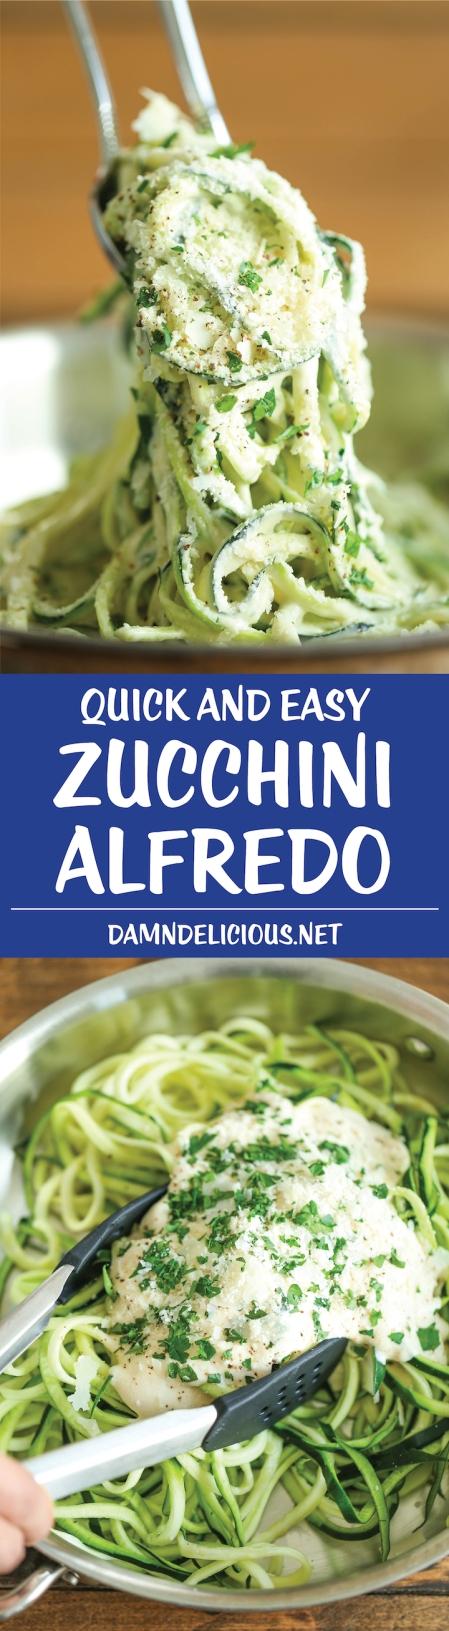 Zucchini-Alfredo-1.jpg